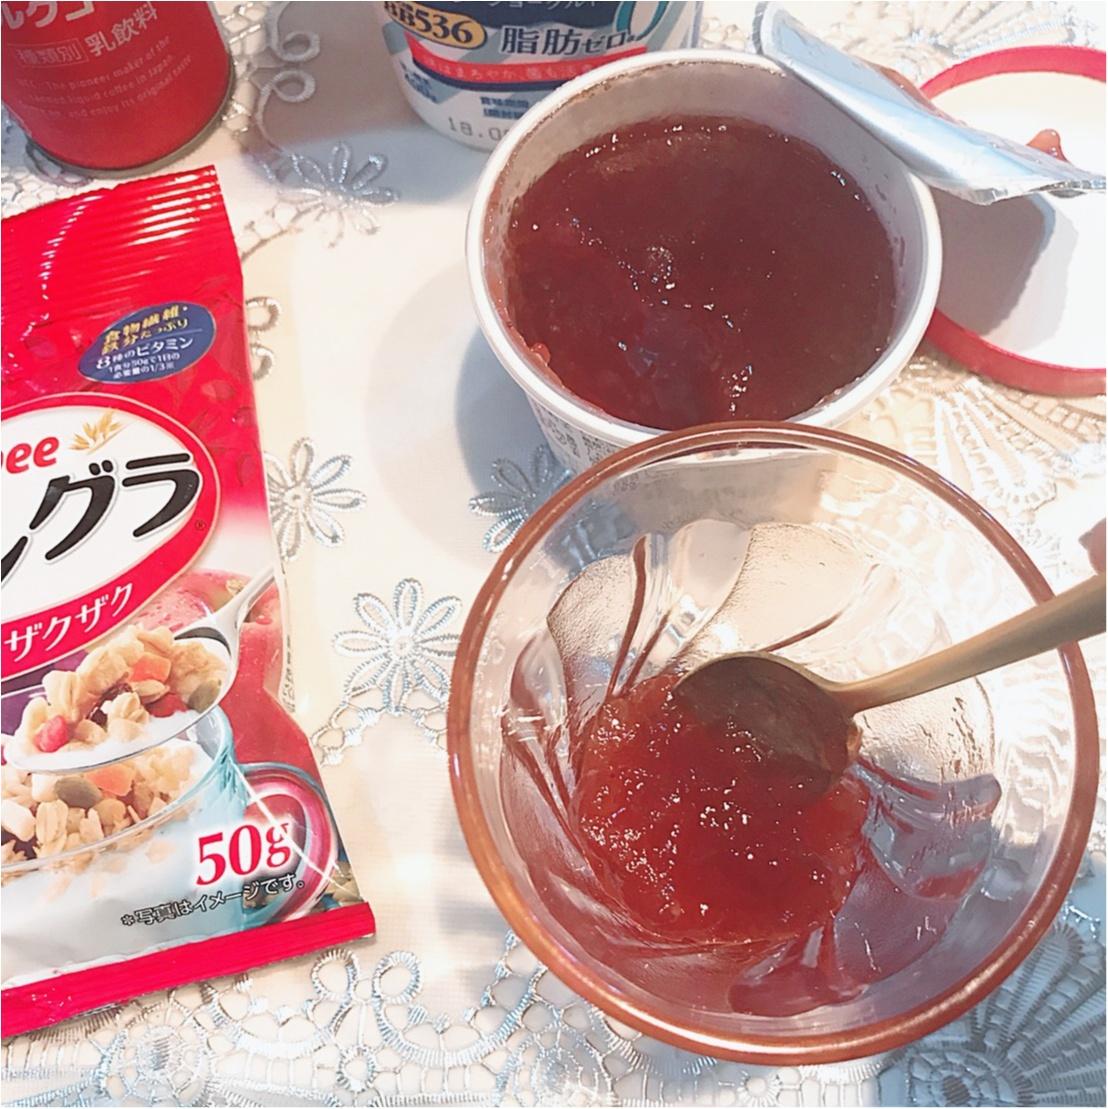 秒速ヘルシー朝ごはん♡おしゃれ女子が喜ぶ3層グラデの簡単アレンジレシピ_3